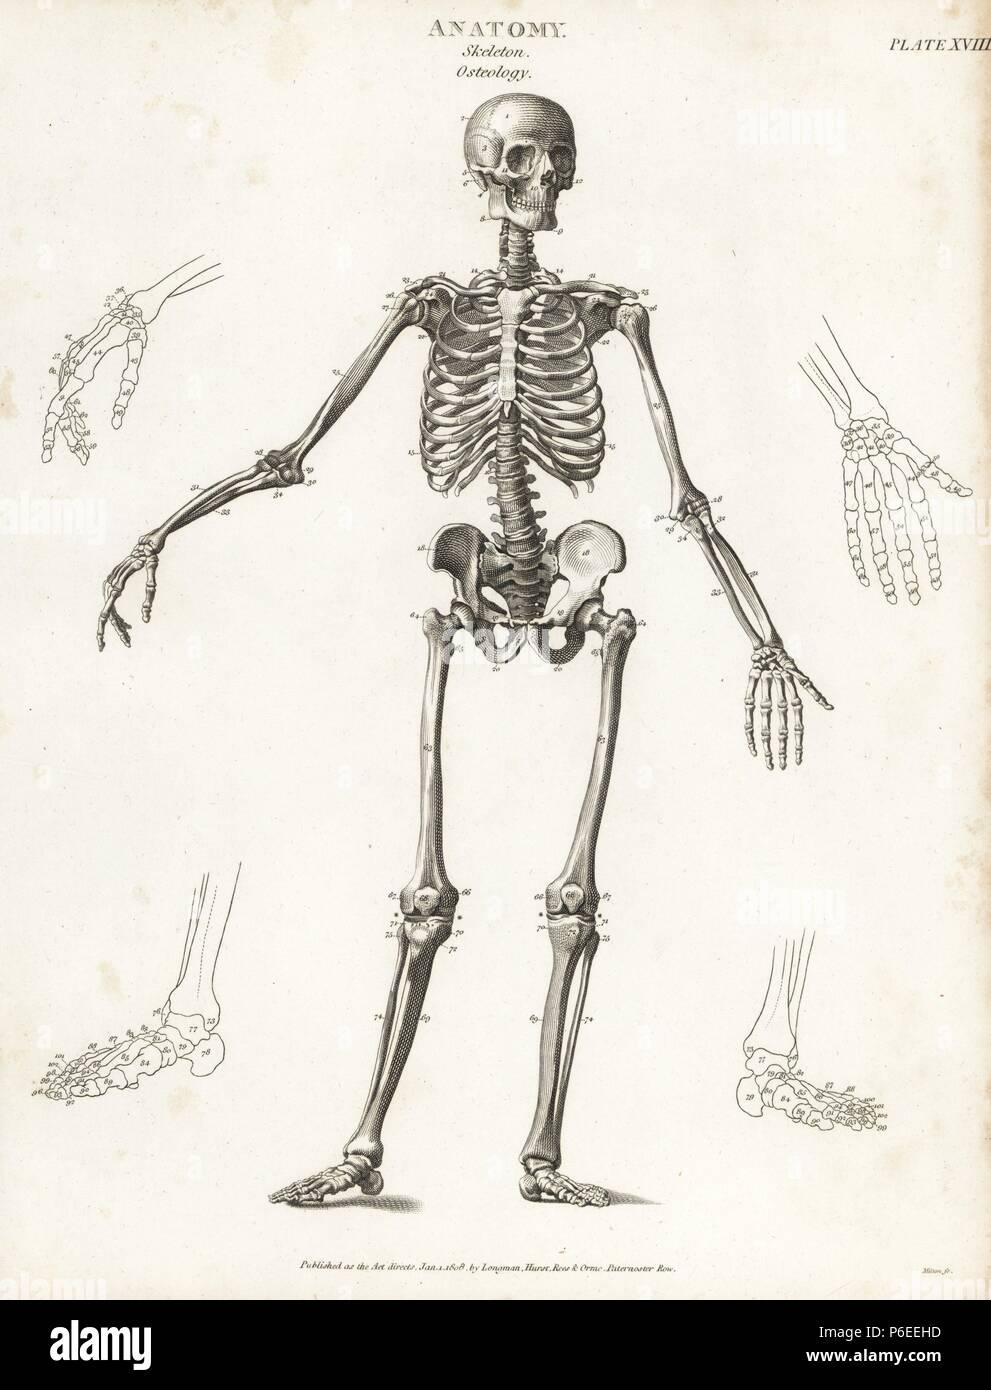 Großartig Anatomie Und Physiologie Vokabular Ideen - Anatomie Von ...